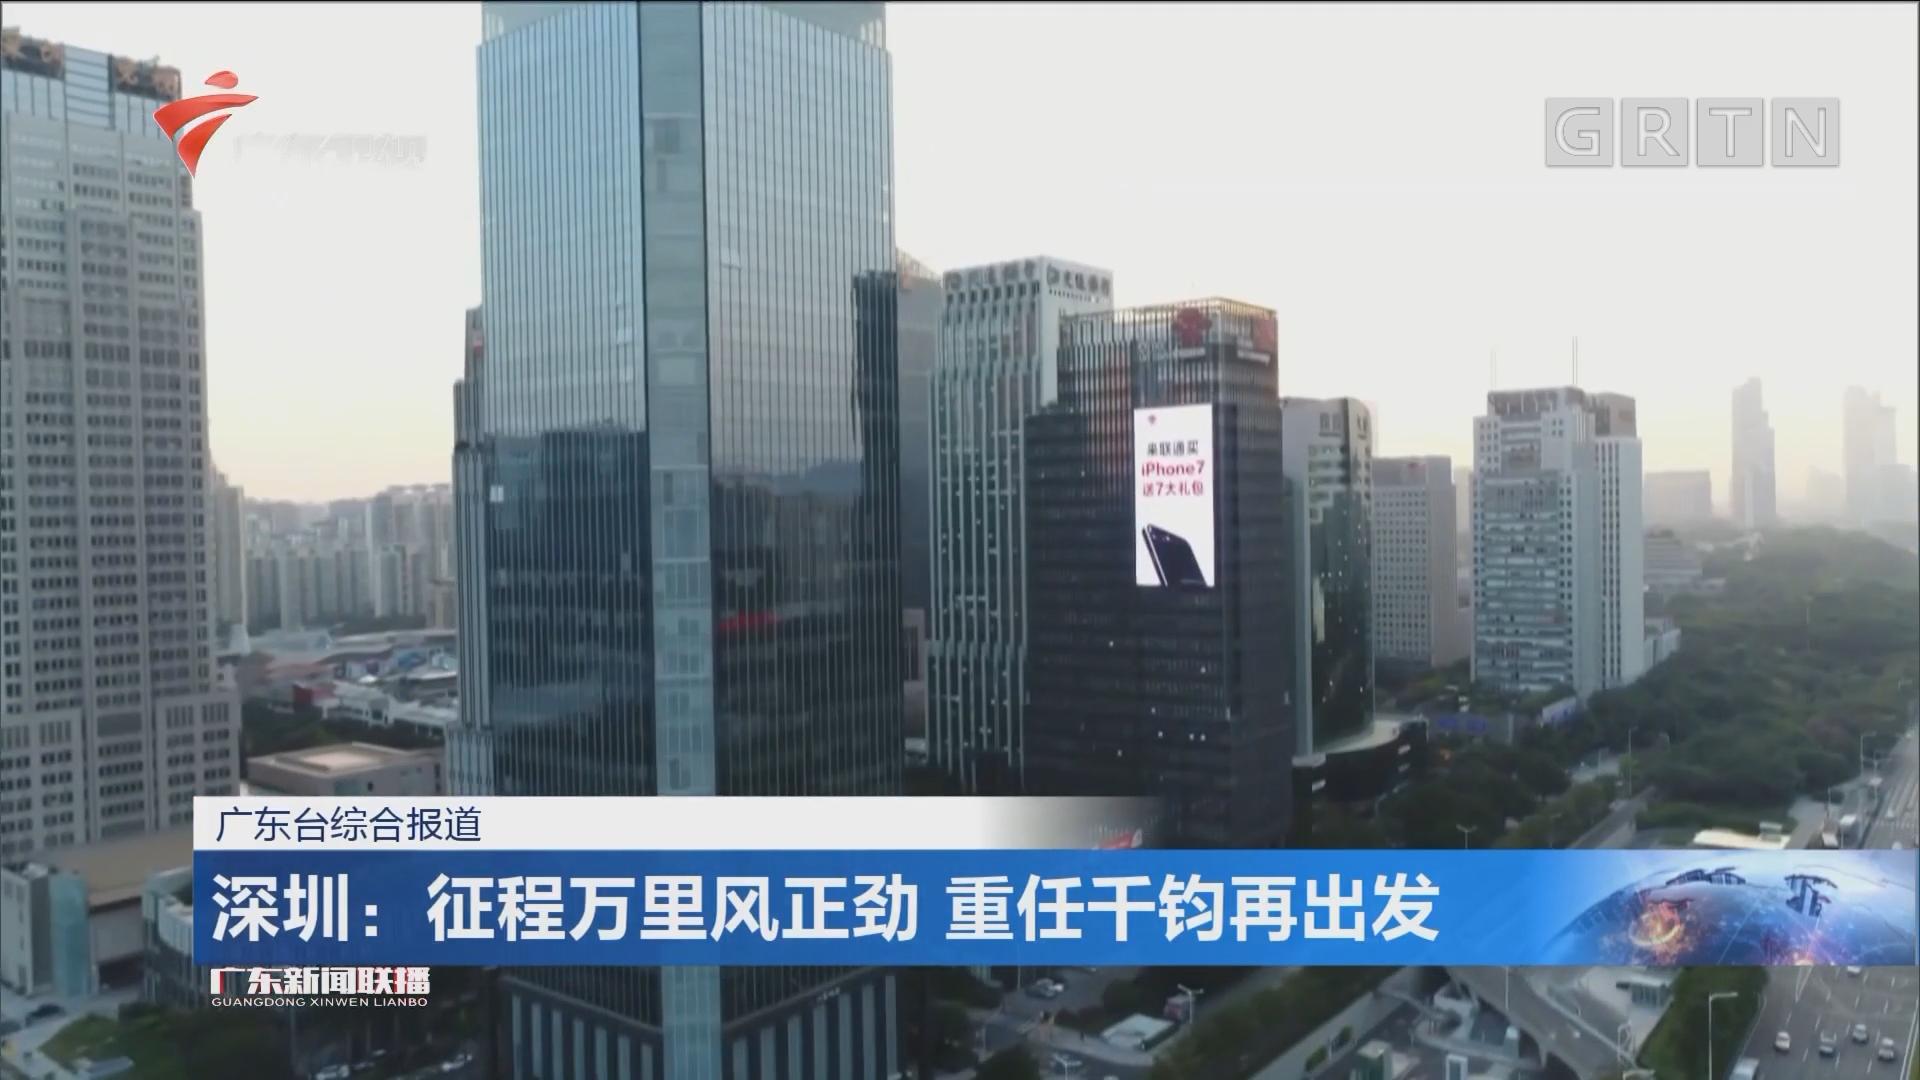 深圳:征程万里风正劲 重任千钧再出发